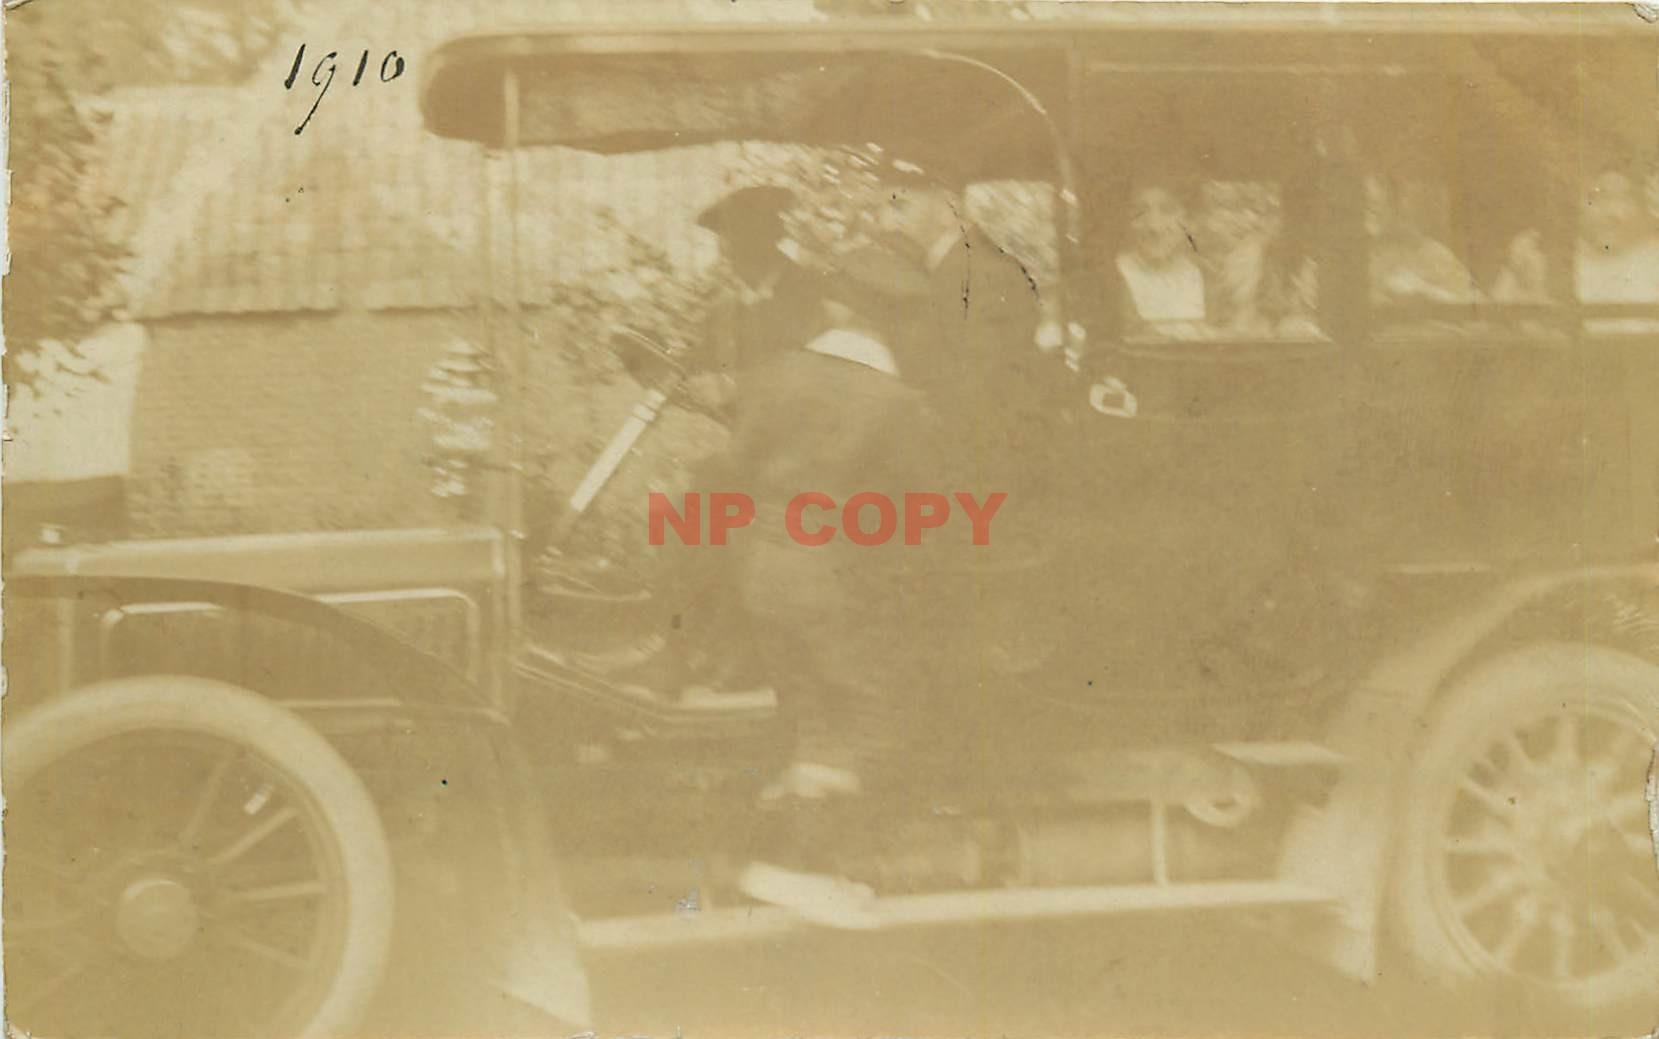 WW 62 CALAIS. Rare Photo carte postale d'un Autocar Autobus avec Chauffeur 1910